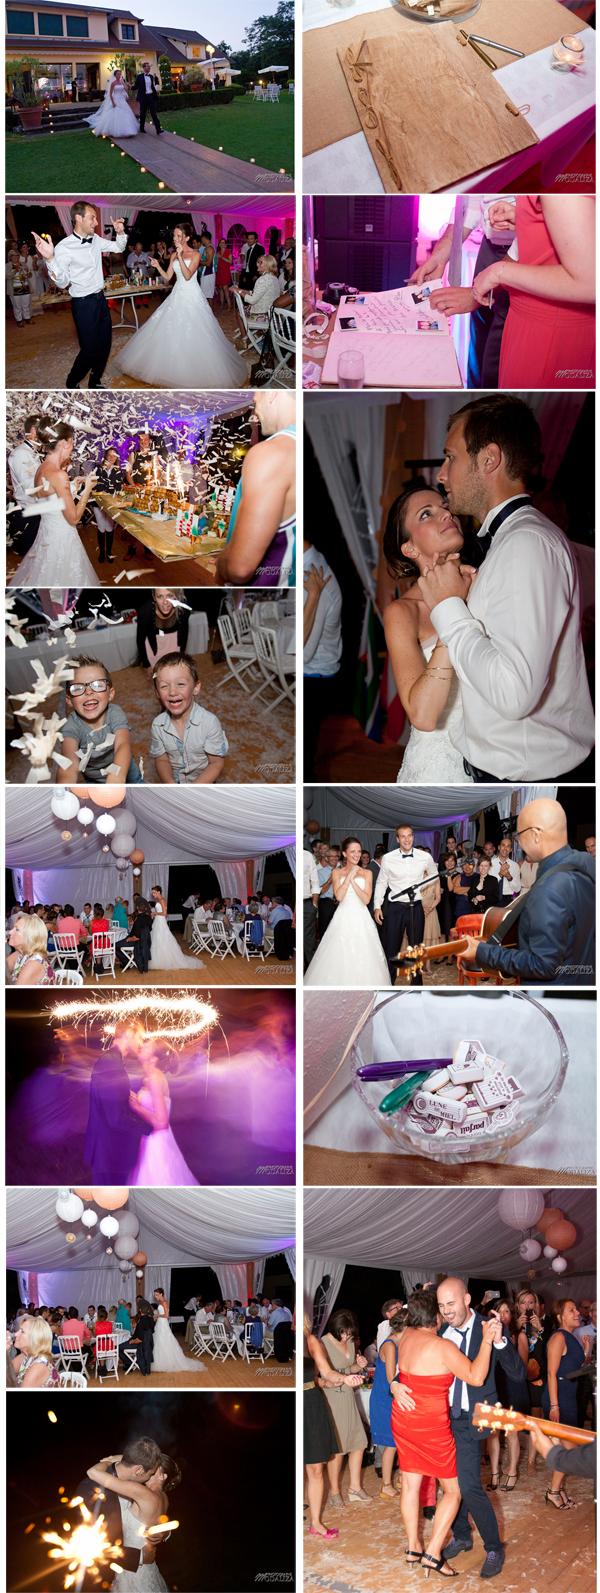 photo mariage reception chapiteau soirée bride groom wedding party aquitaine sudouest toulouse golf by modaliza photographe